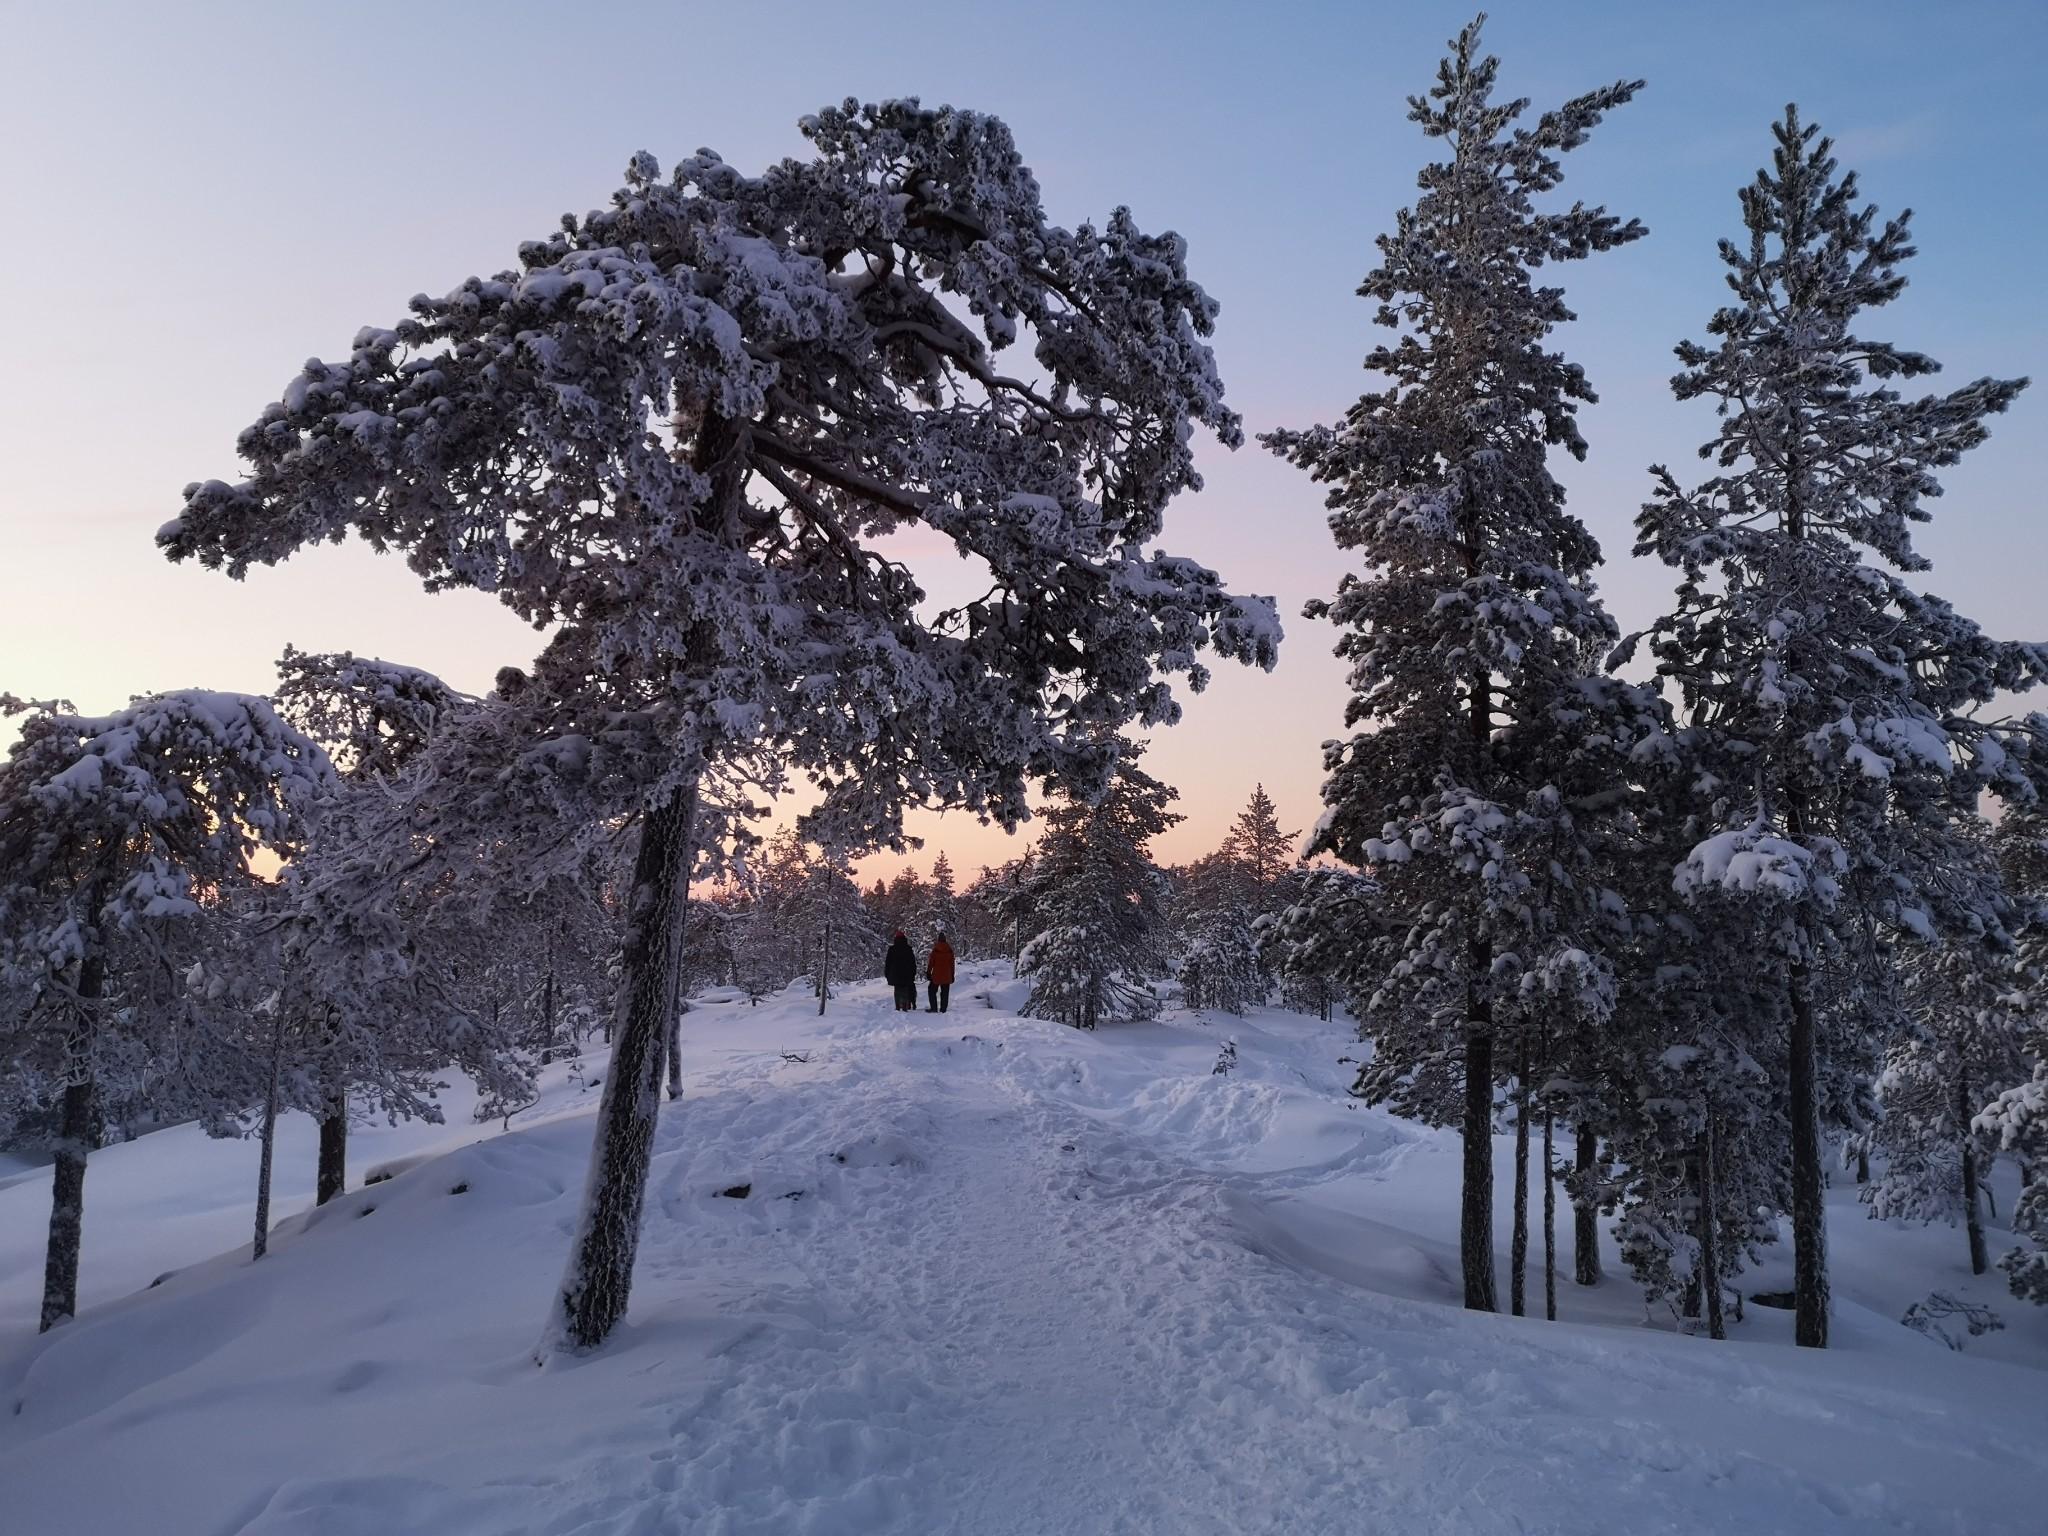 Kohteenanaailma Talviloma Rovaniemellä - Lappi alkaa Ounasvaaralta (1)